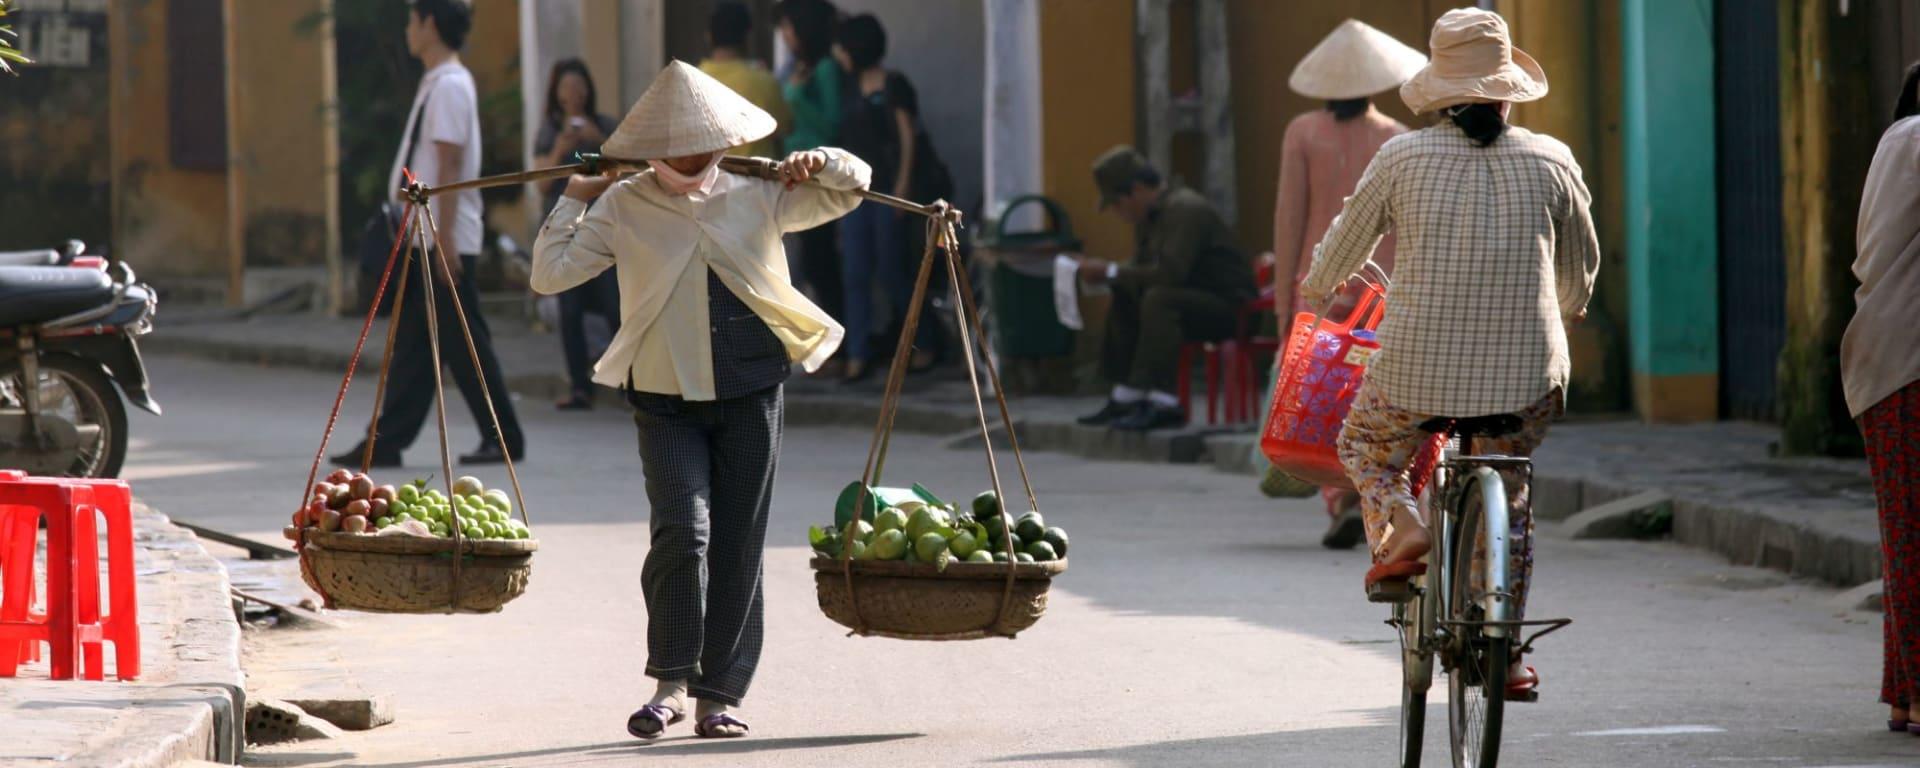 Wissenswertes zu Vietnam Reisen und Ferien: Hoi An